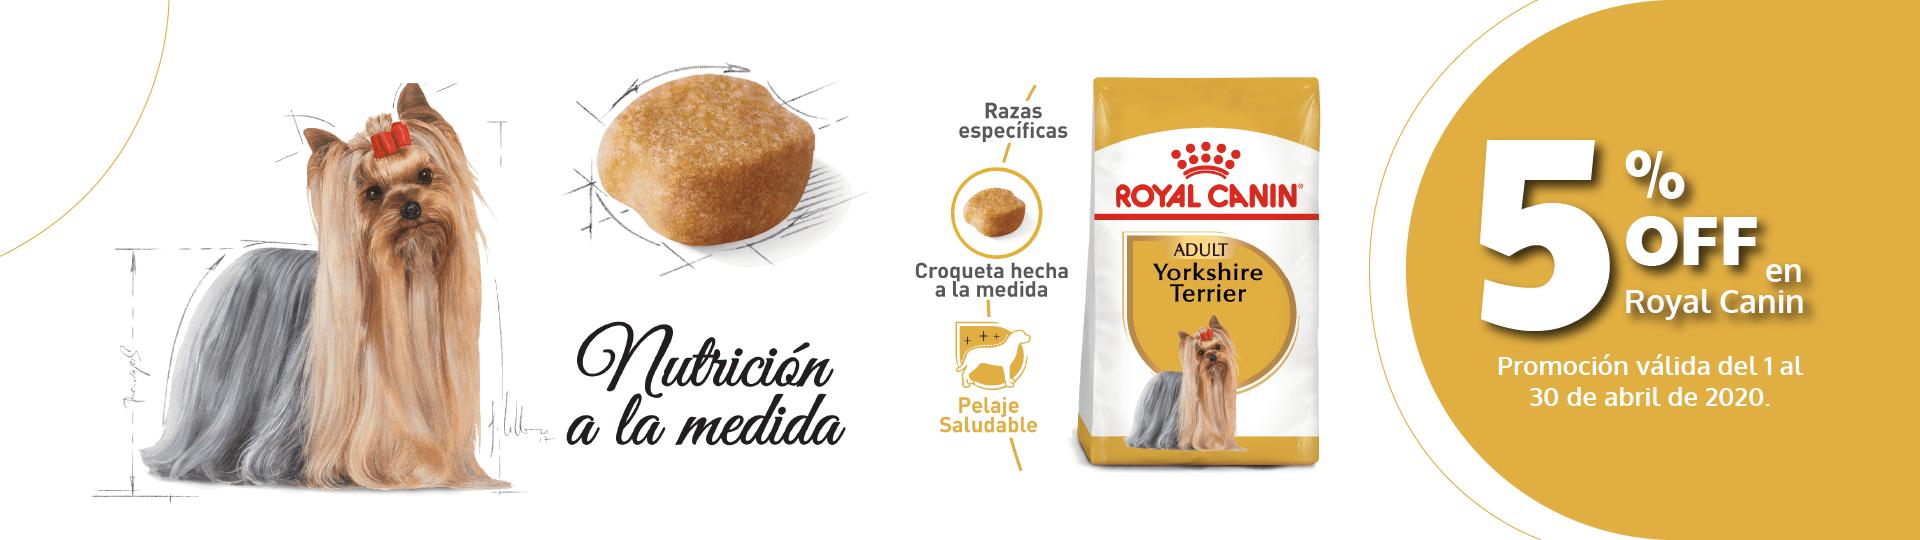 ROYAL CANIN OFERTA - Comida para perros a domicilio